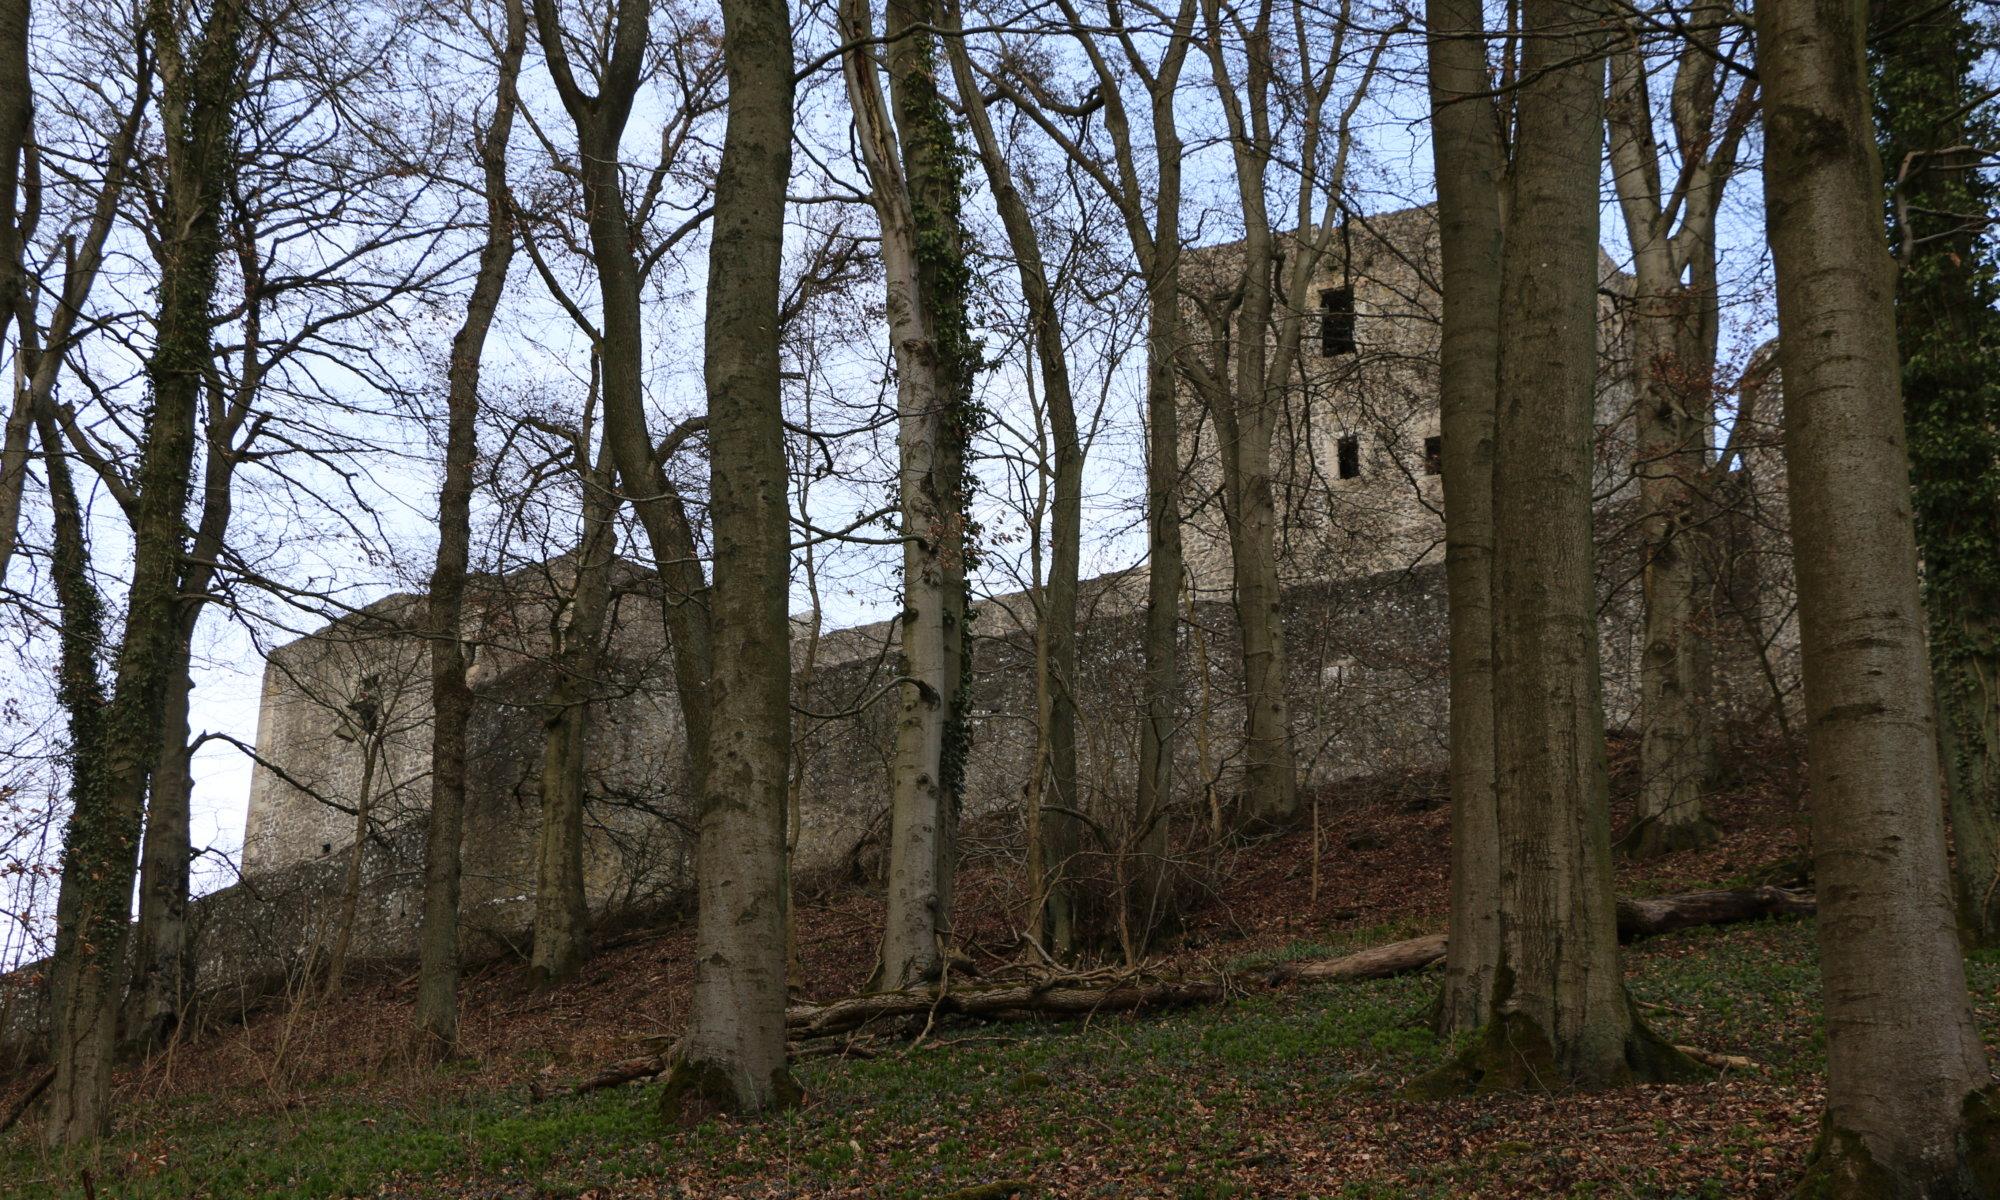 Weidelsburg, Wolfhagen